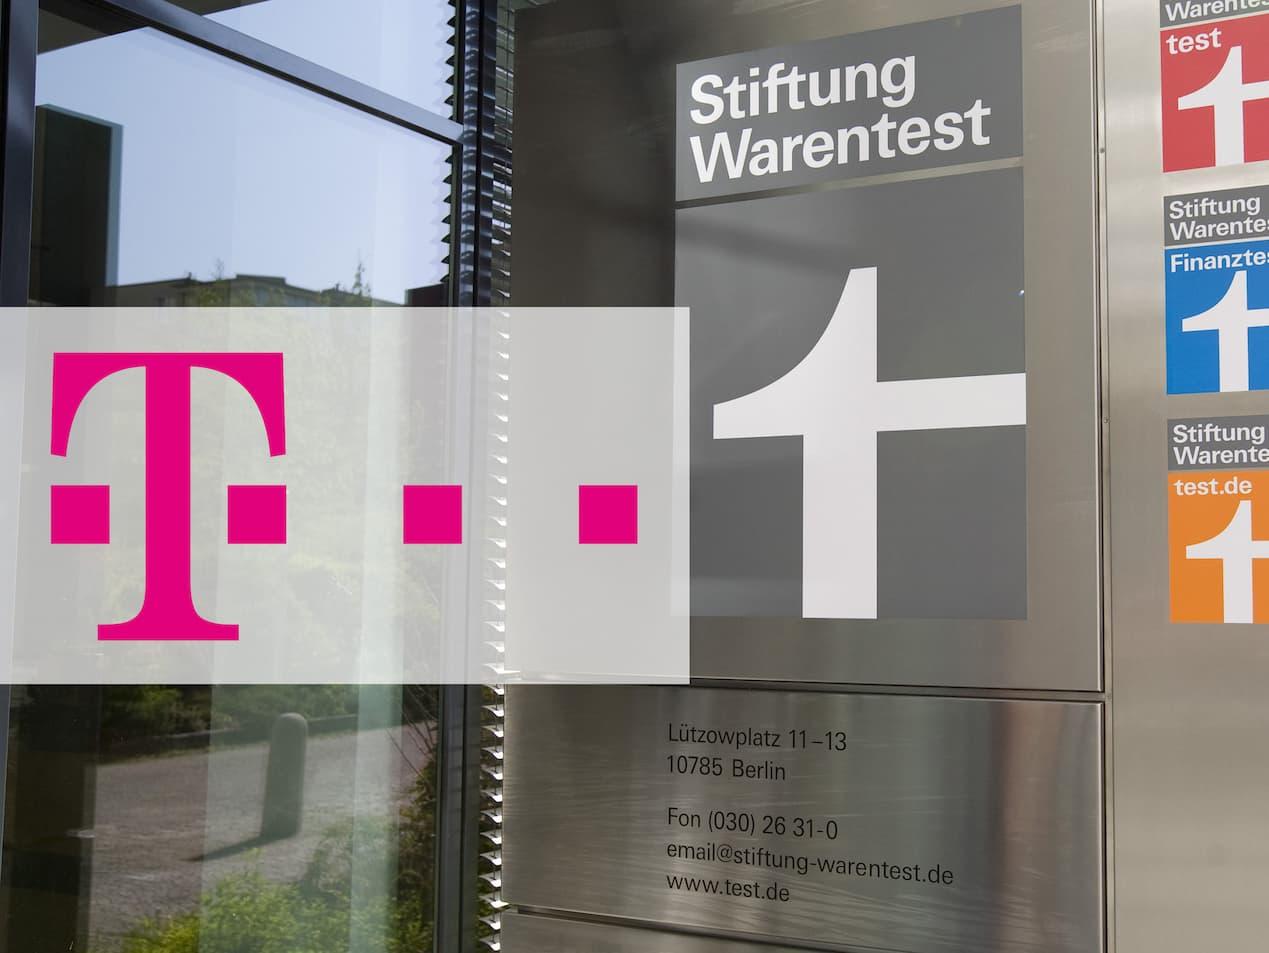 Stiftung Warentest: Telekom hat das beste Mobilfunknetz..